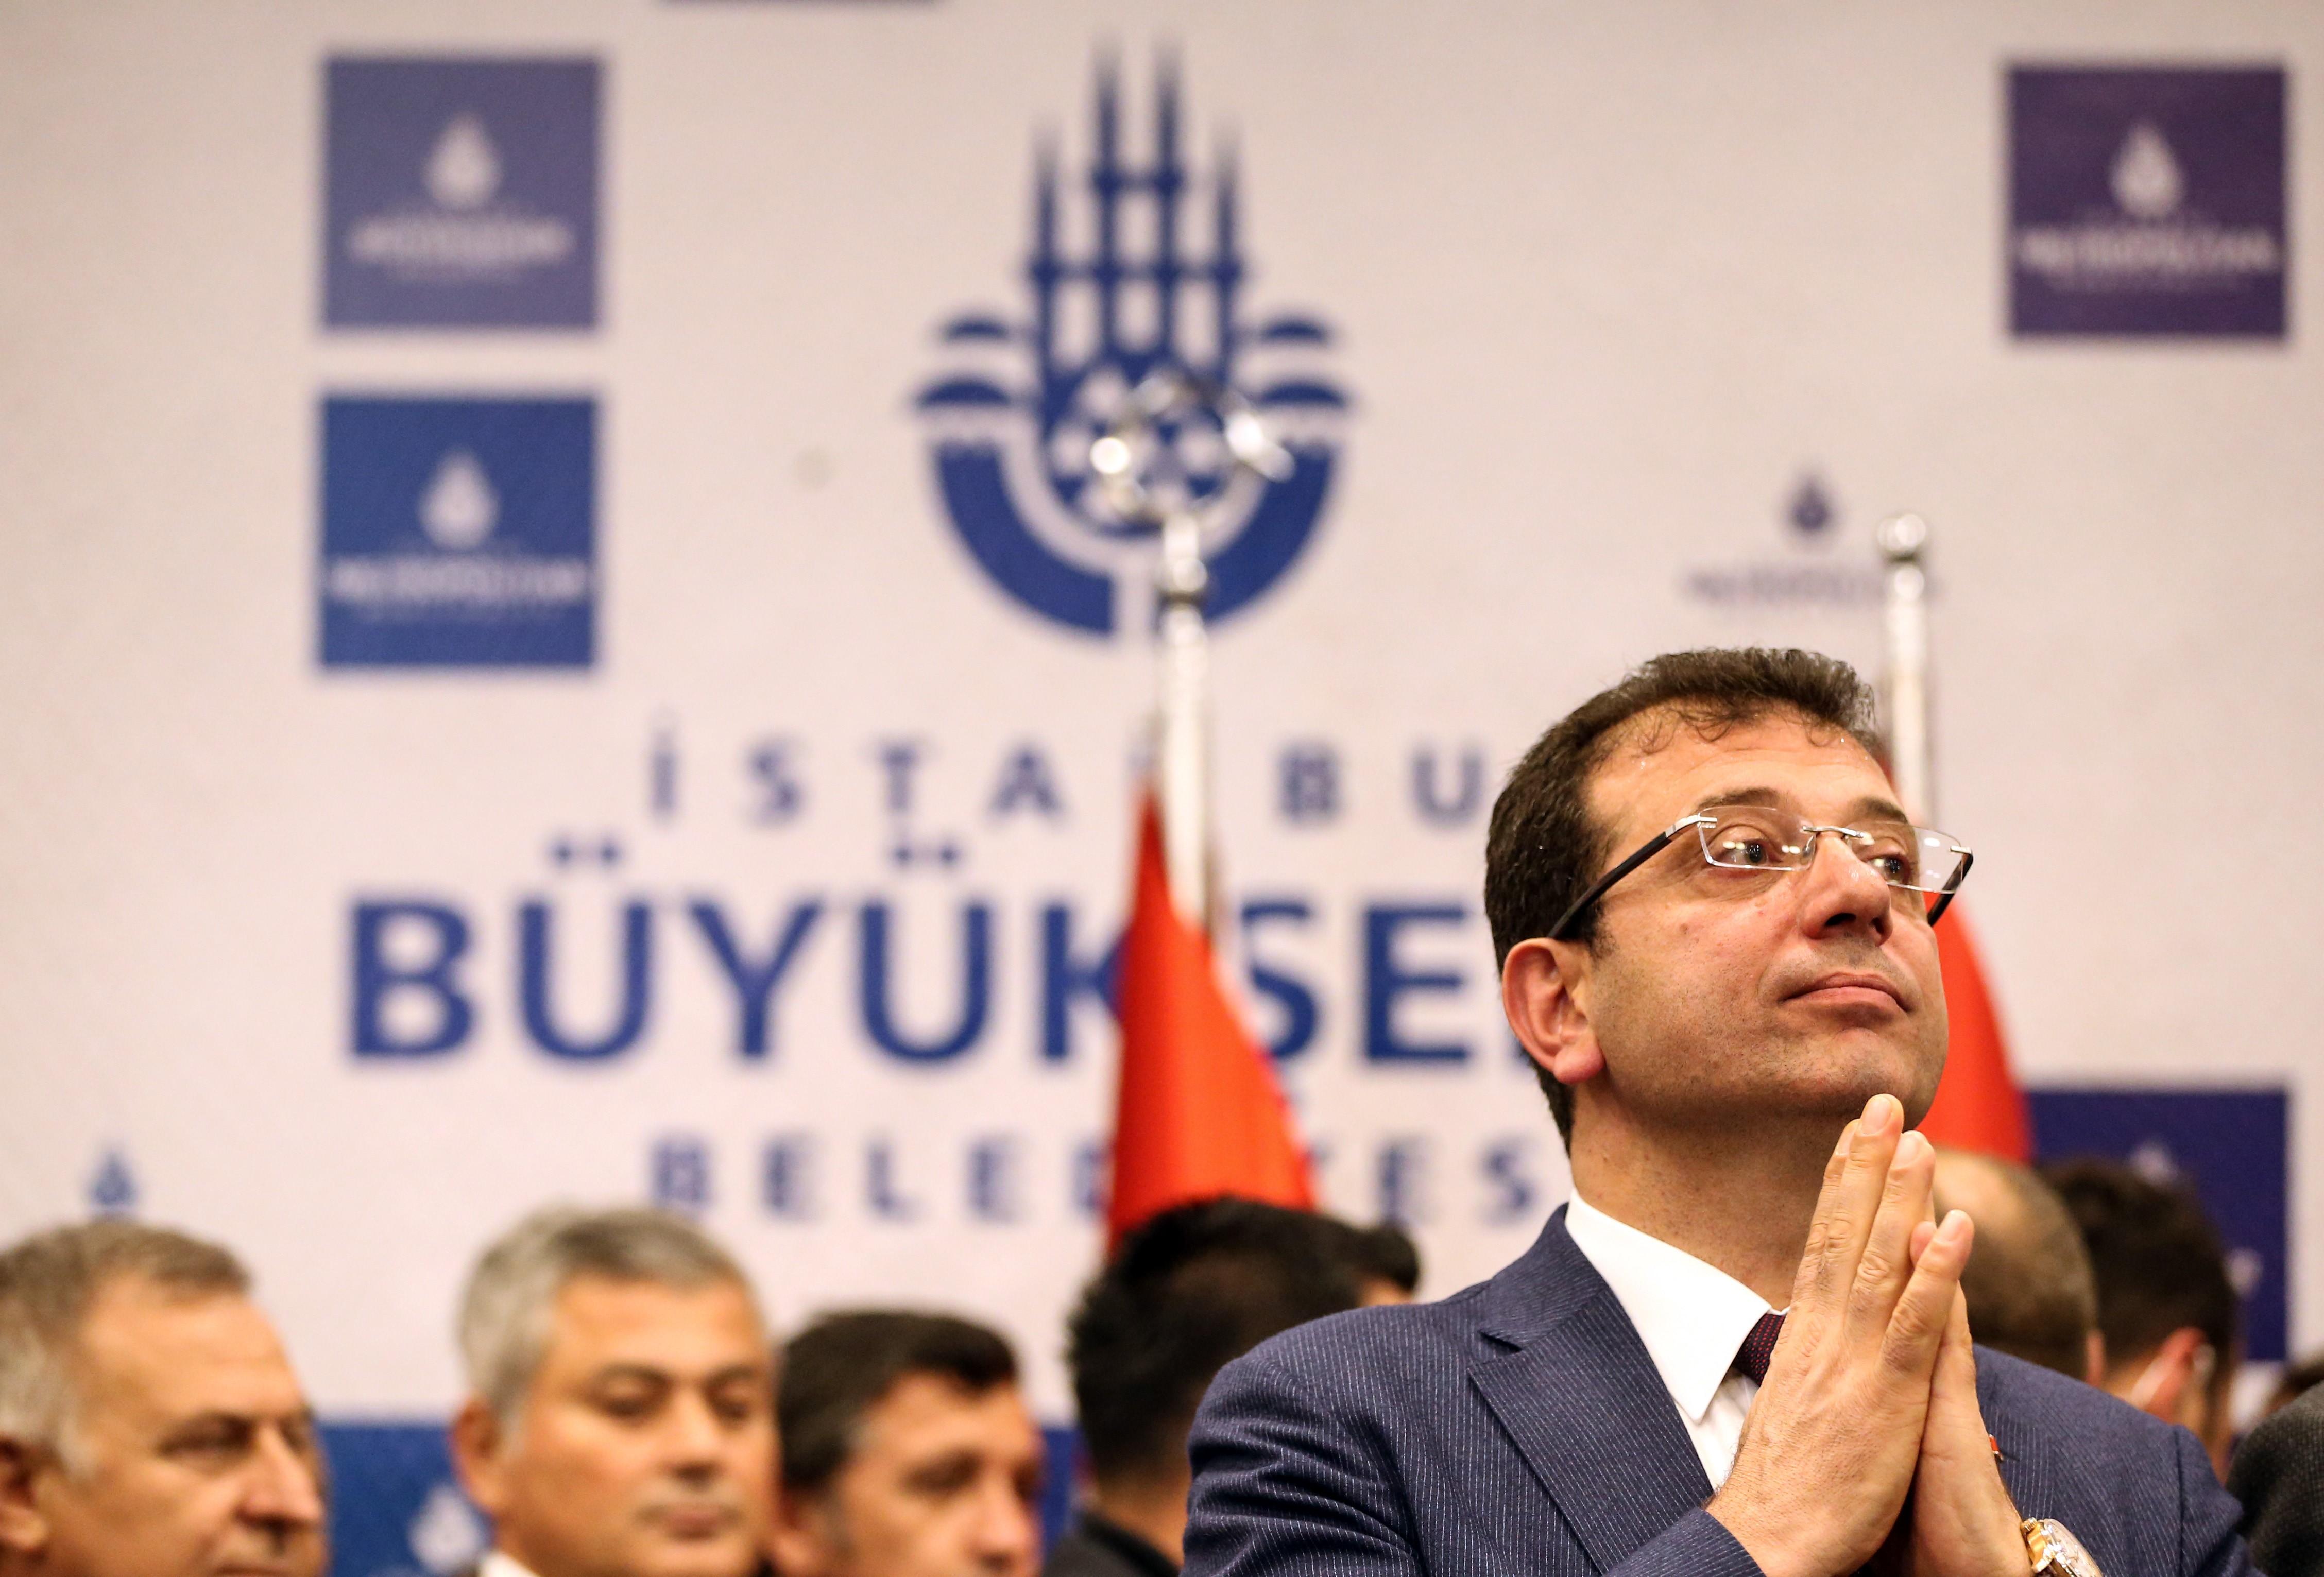 Átvette a megbízását Isztambul ellenzéki főpolgármestere, de Erdoganék még próbálják megfúrni az eredményt